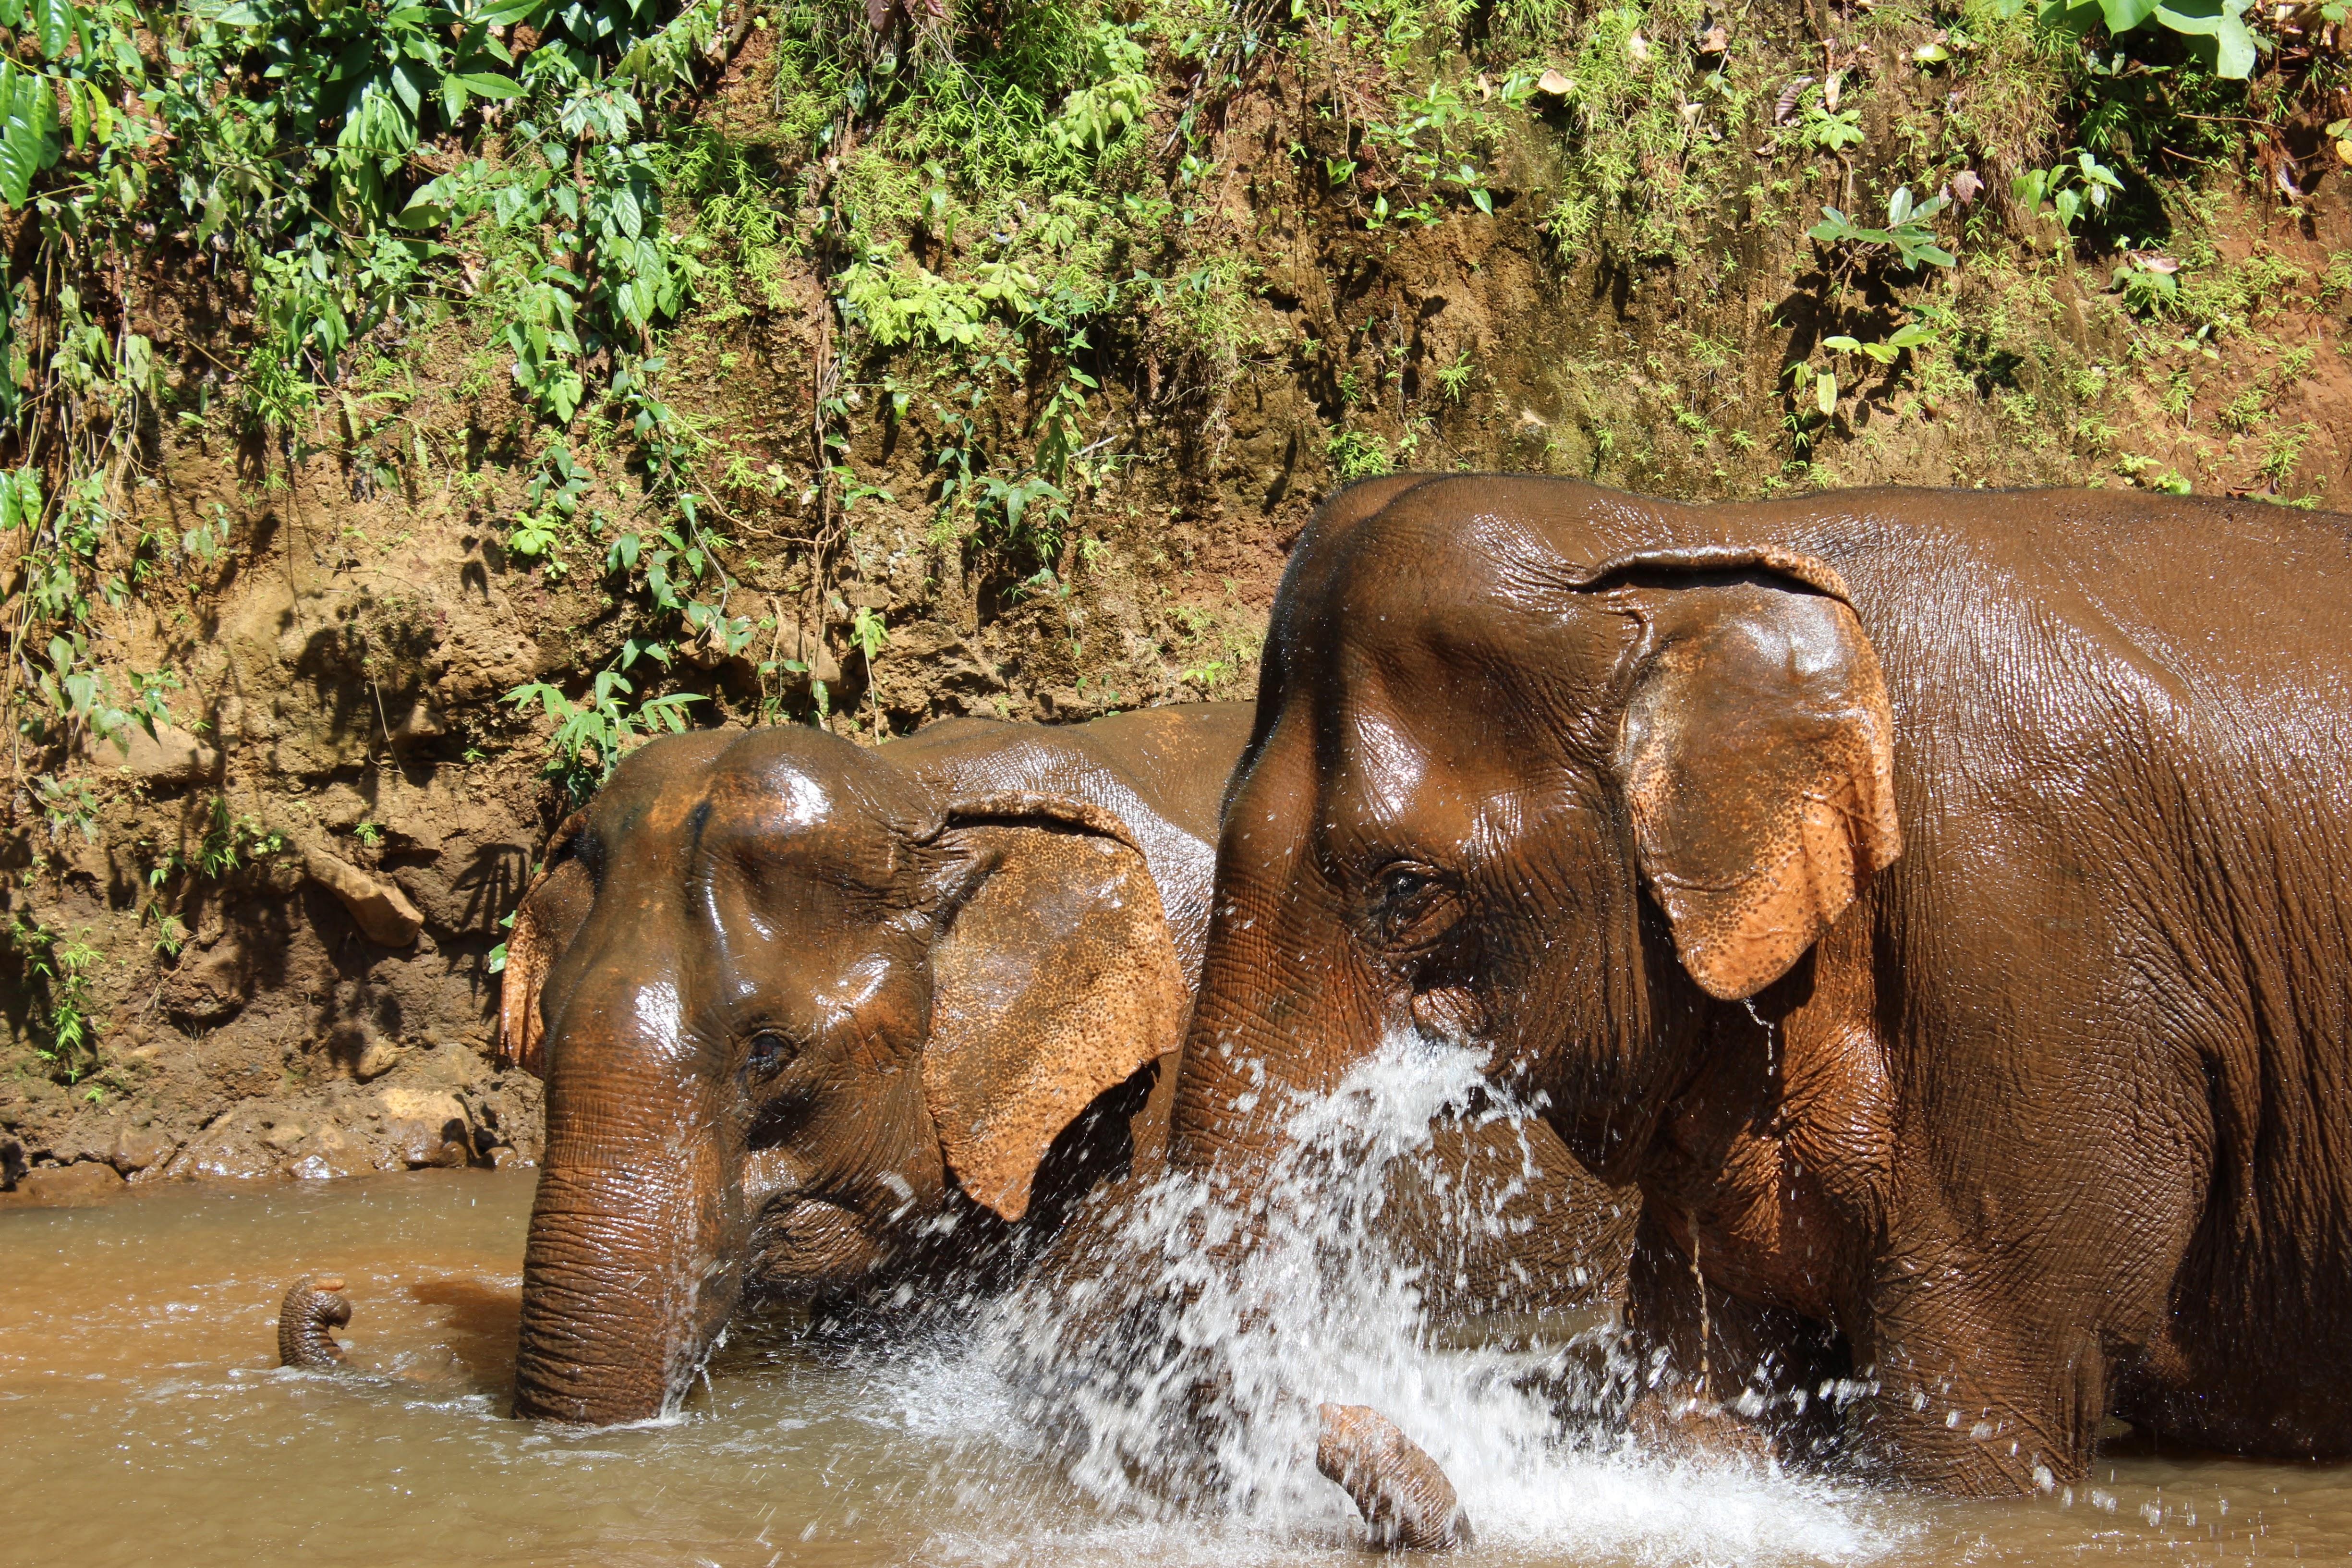 Elephants bathing at the sanctuary